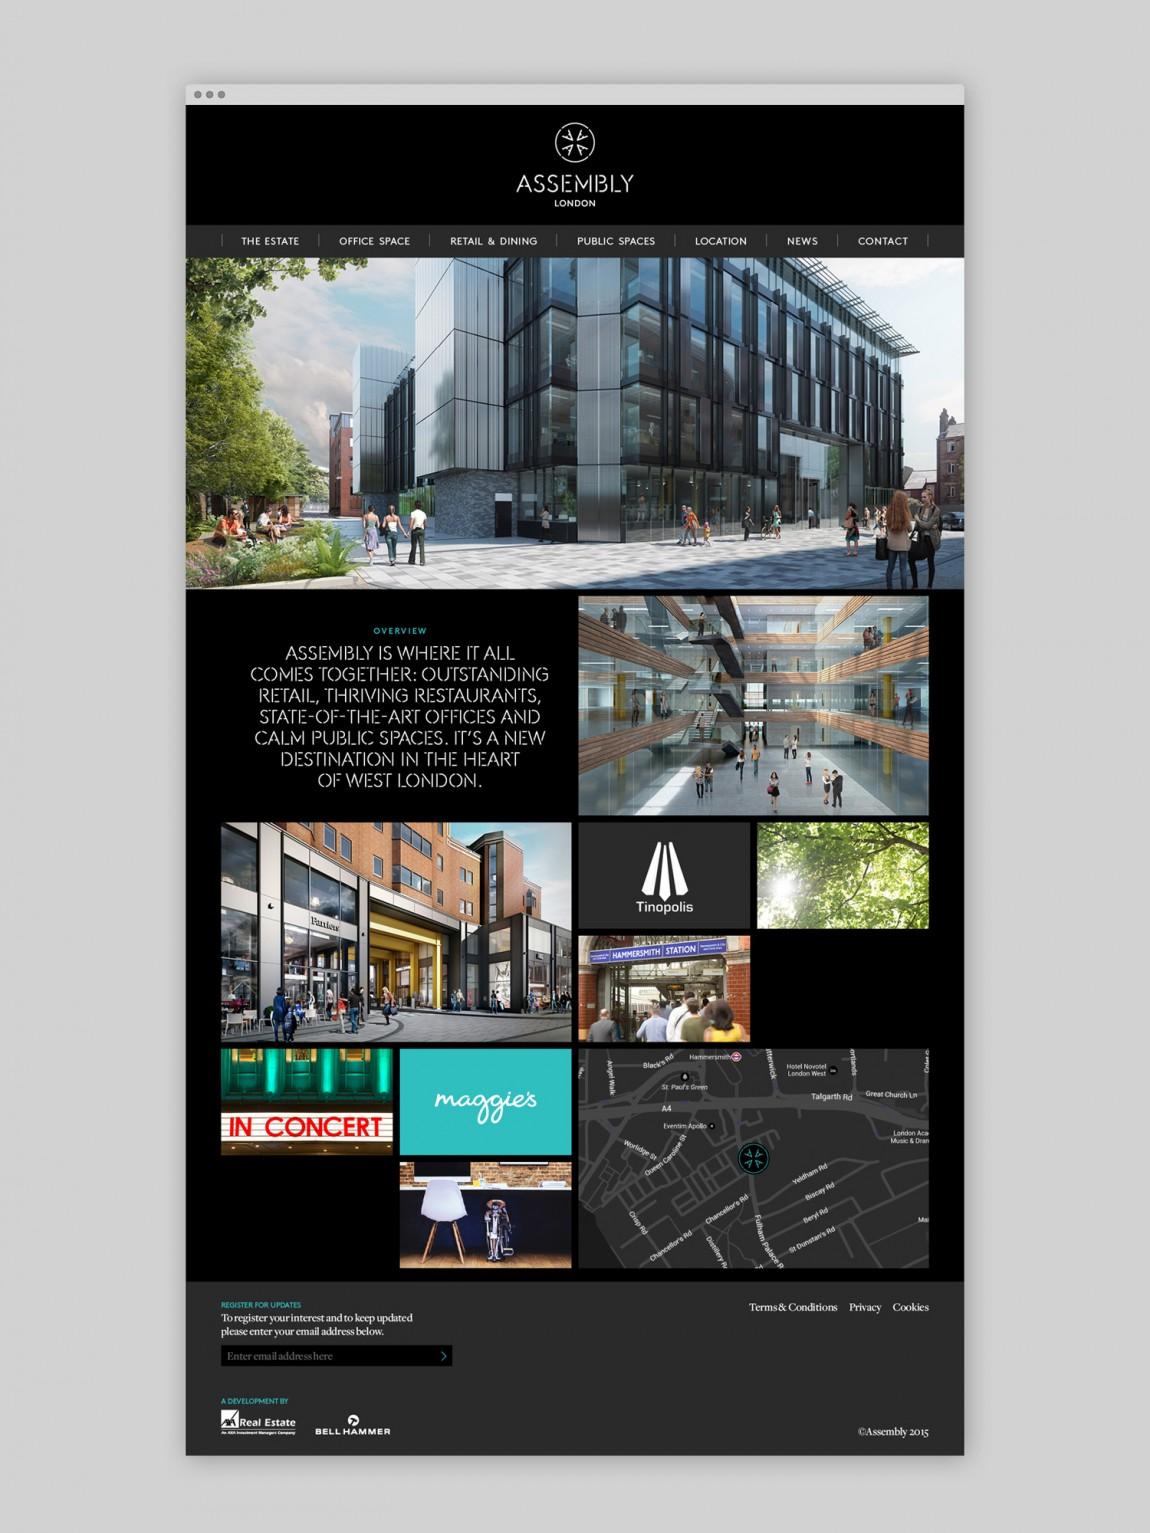 大型开发项目Assembly创意Logo设计:网站设计